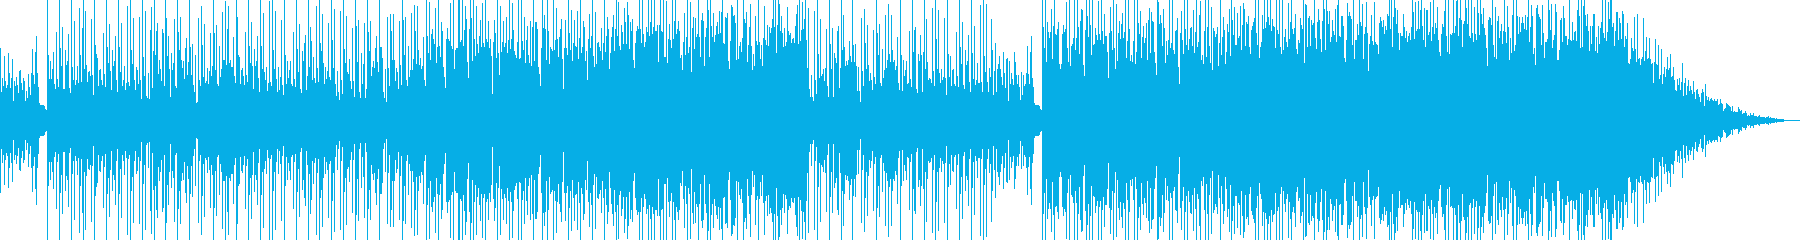 カントリー系インストゥルメンタルの再生済みの波形